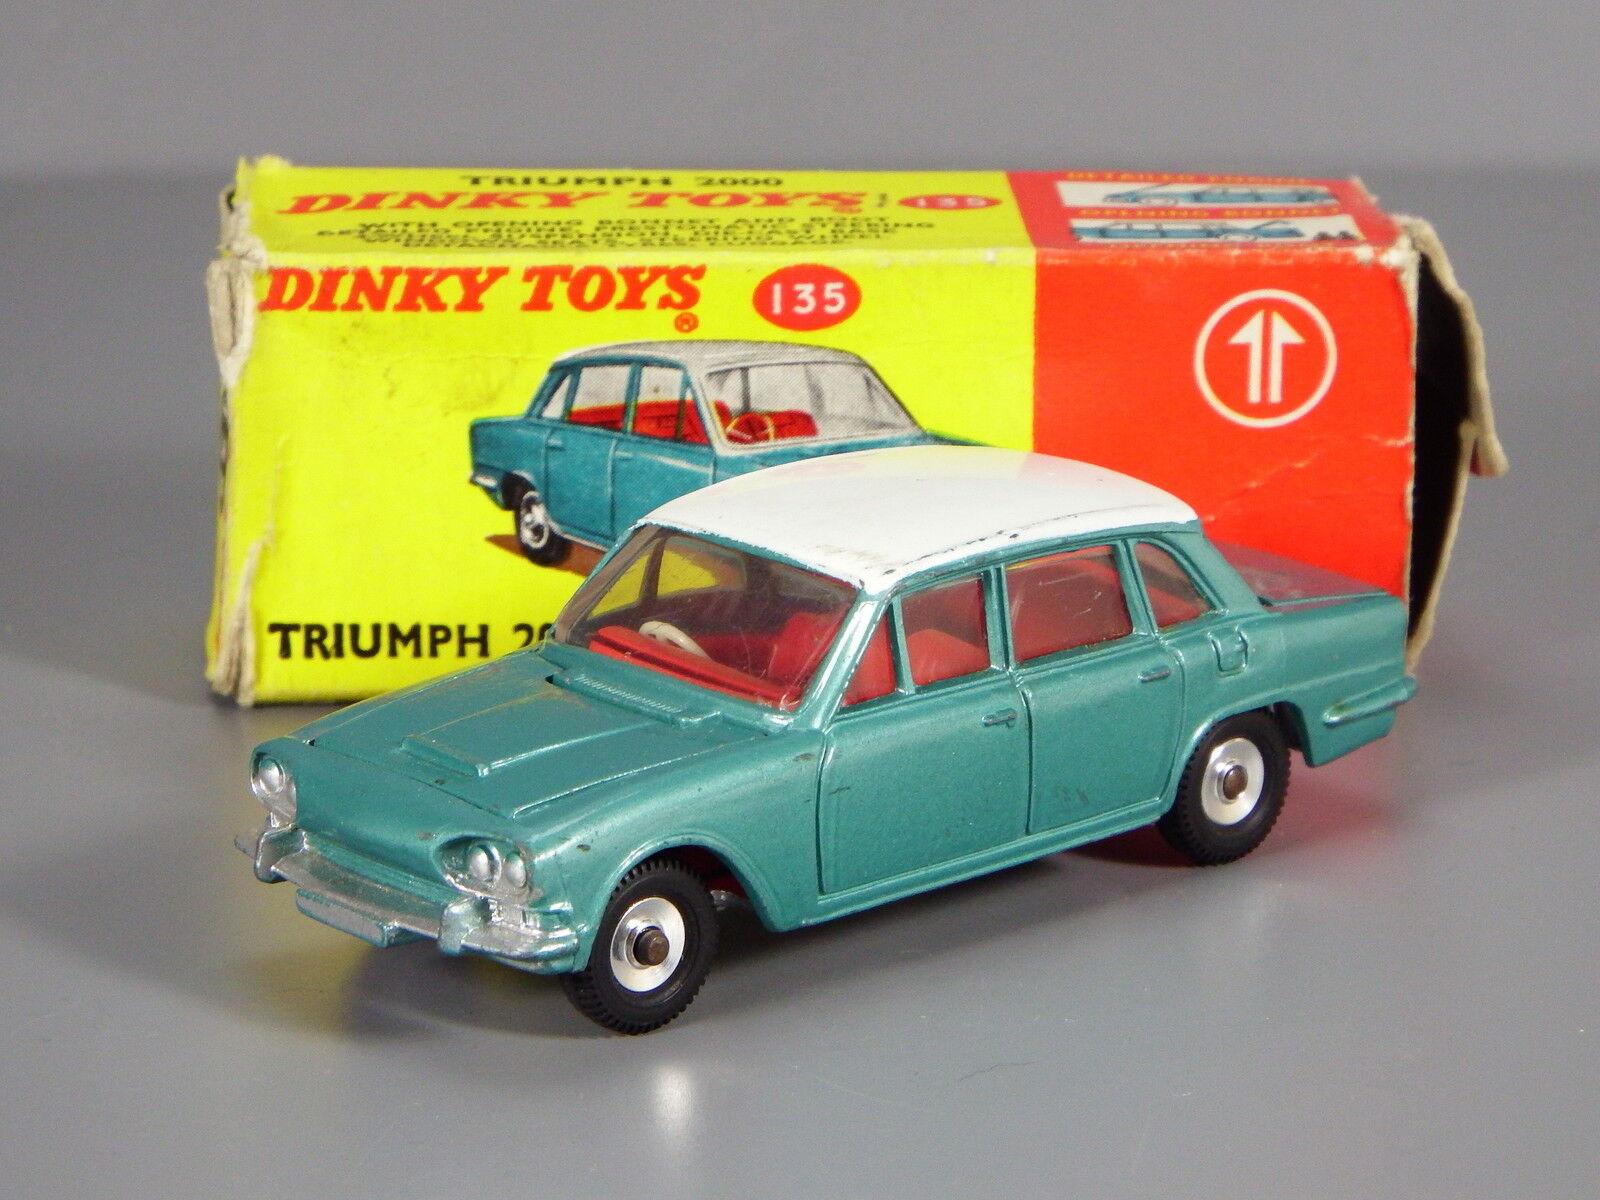 mejor calidad mejor precio Original dinky 135 TRIUMPH 2000, azul-verde, rojo Interior, En Caja Caja Caja  calidad auténtica